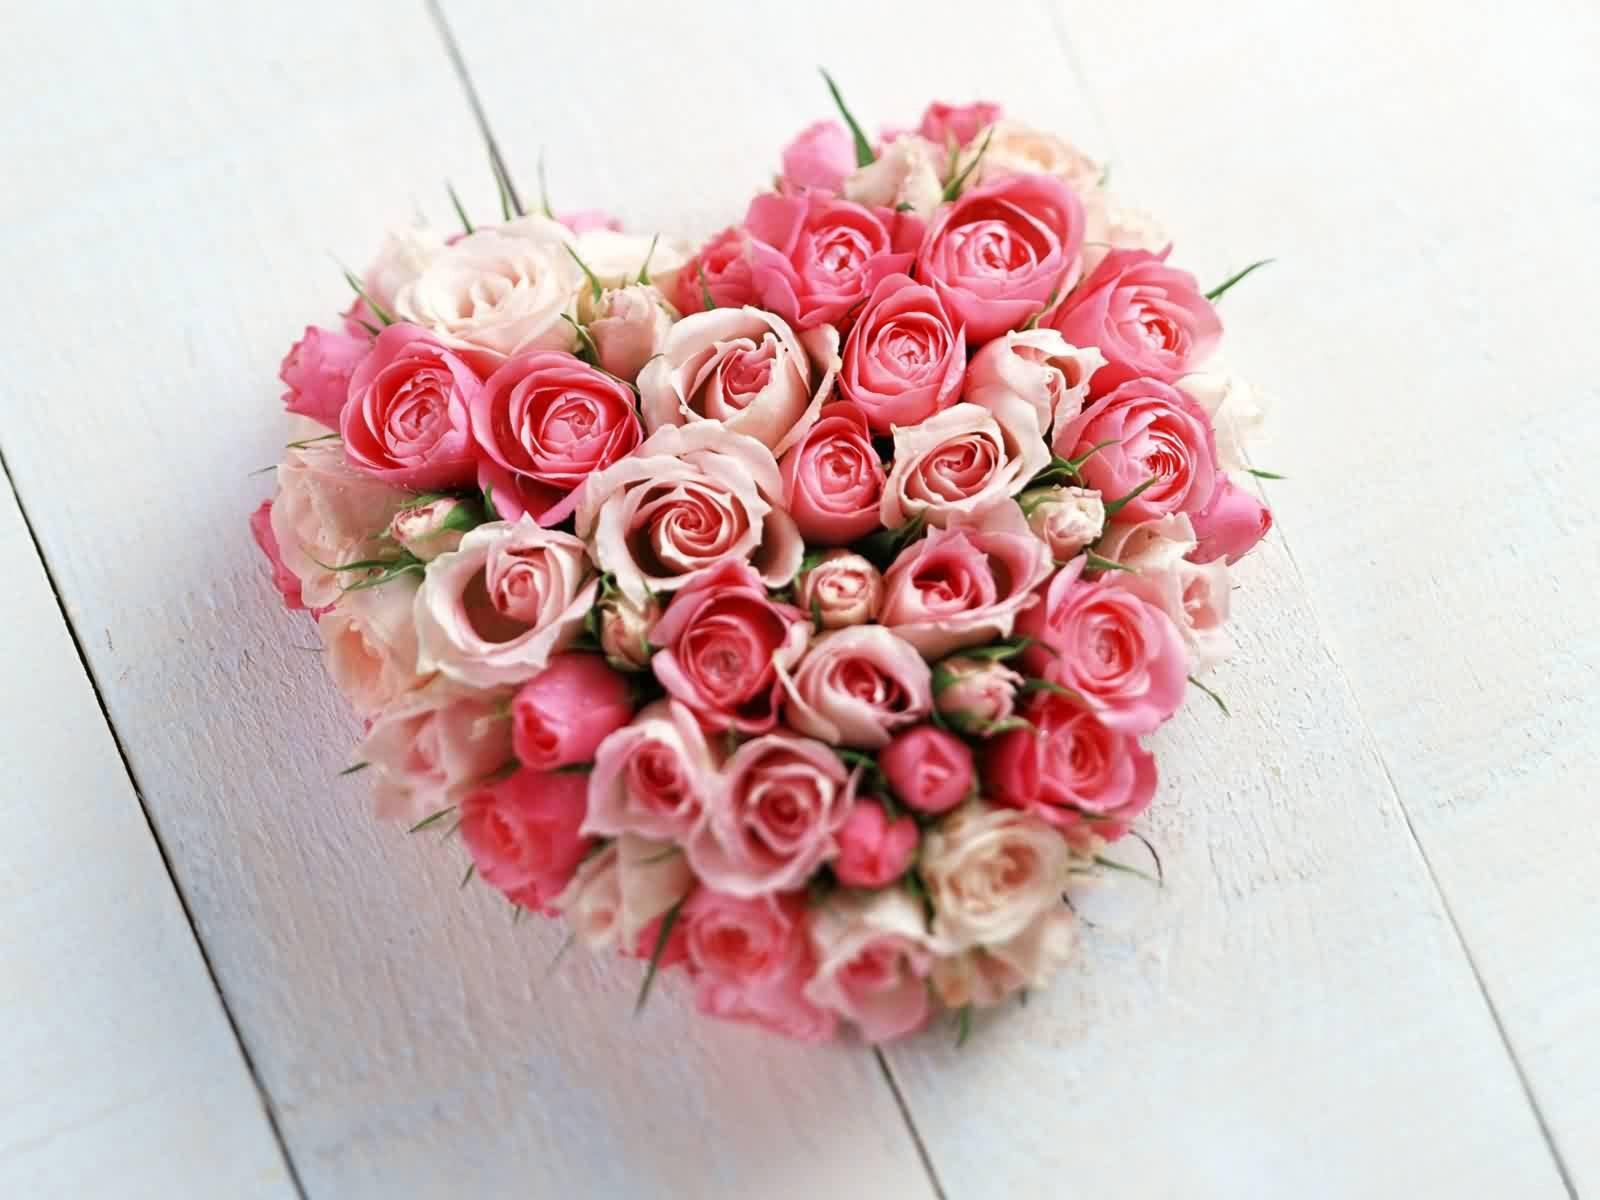 Achtergrond van een hartje van roze en witte rozen